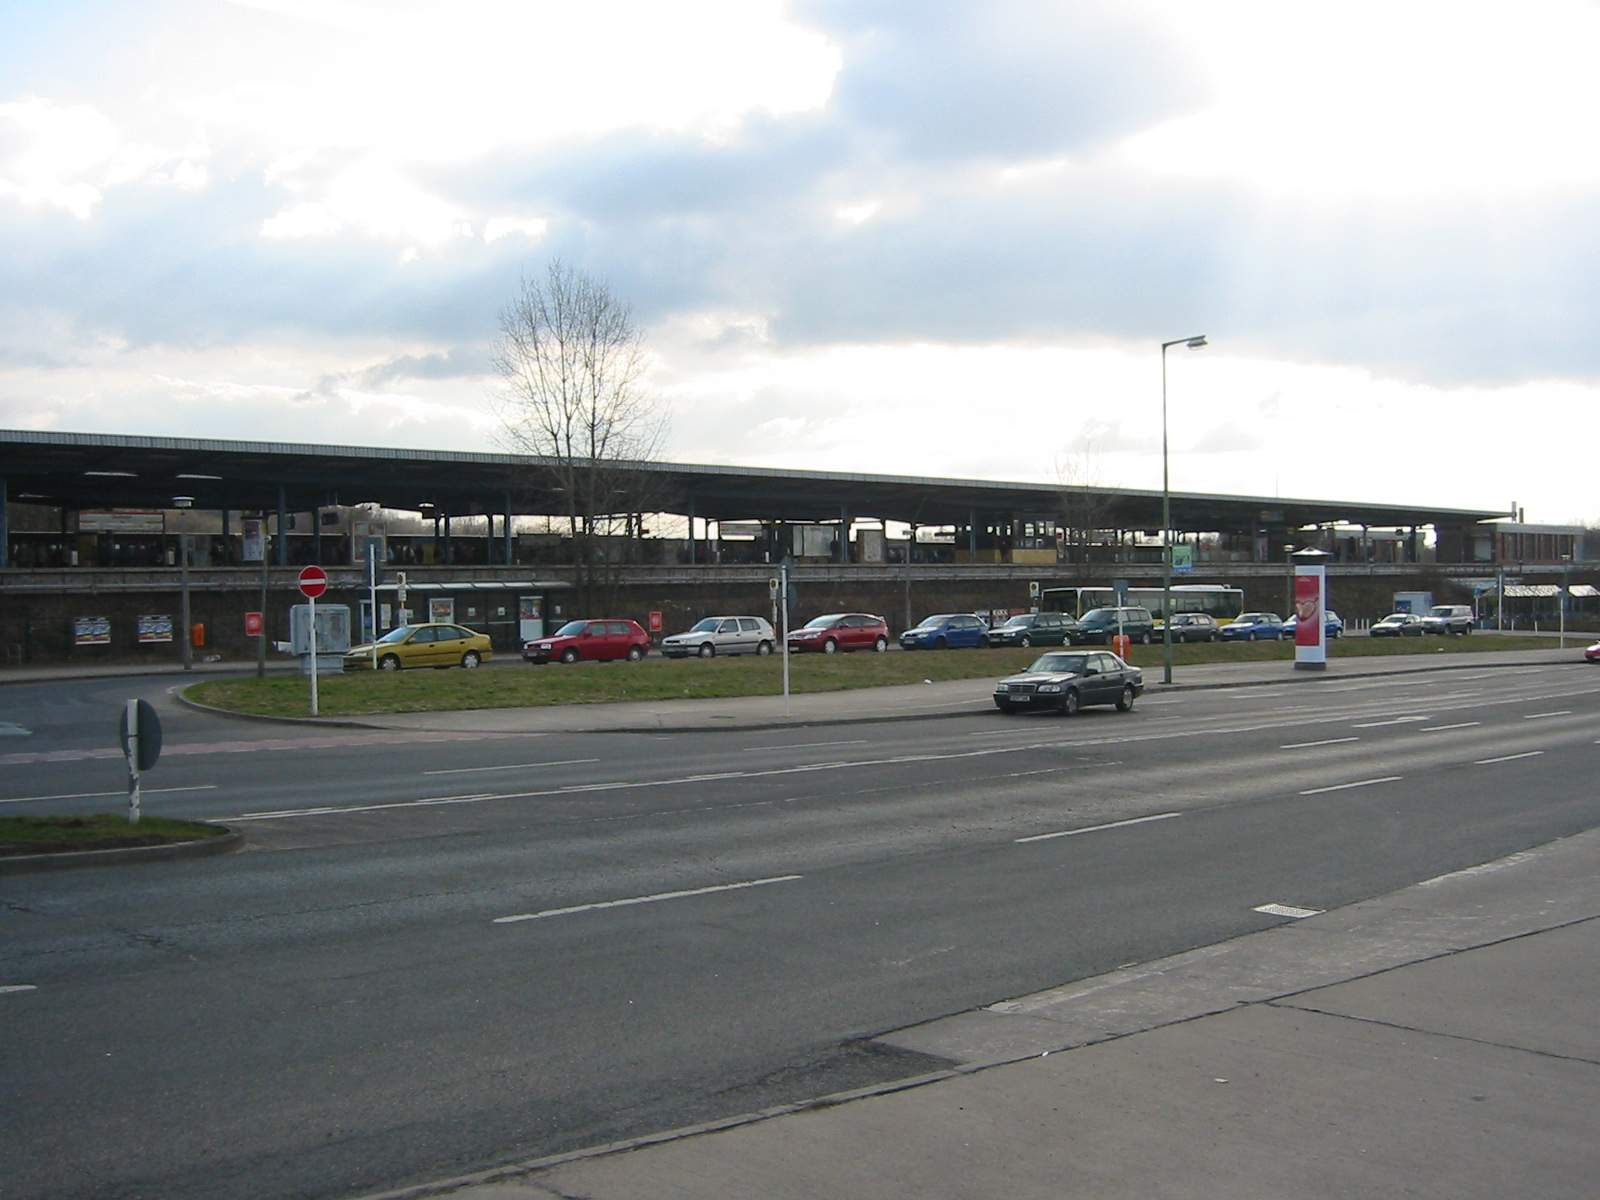 U Bahn Berlin U5 station Wuhletal